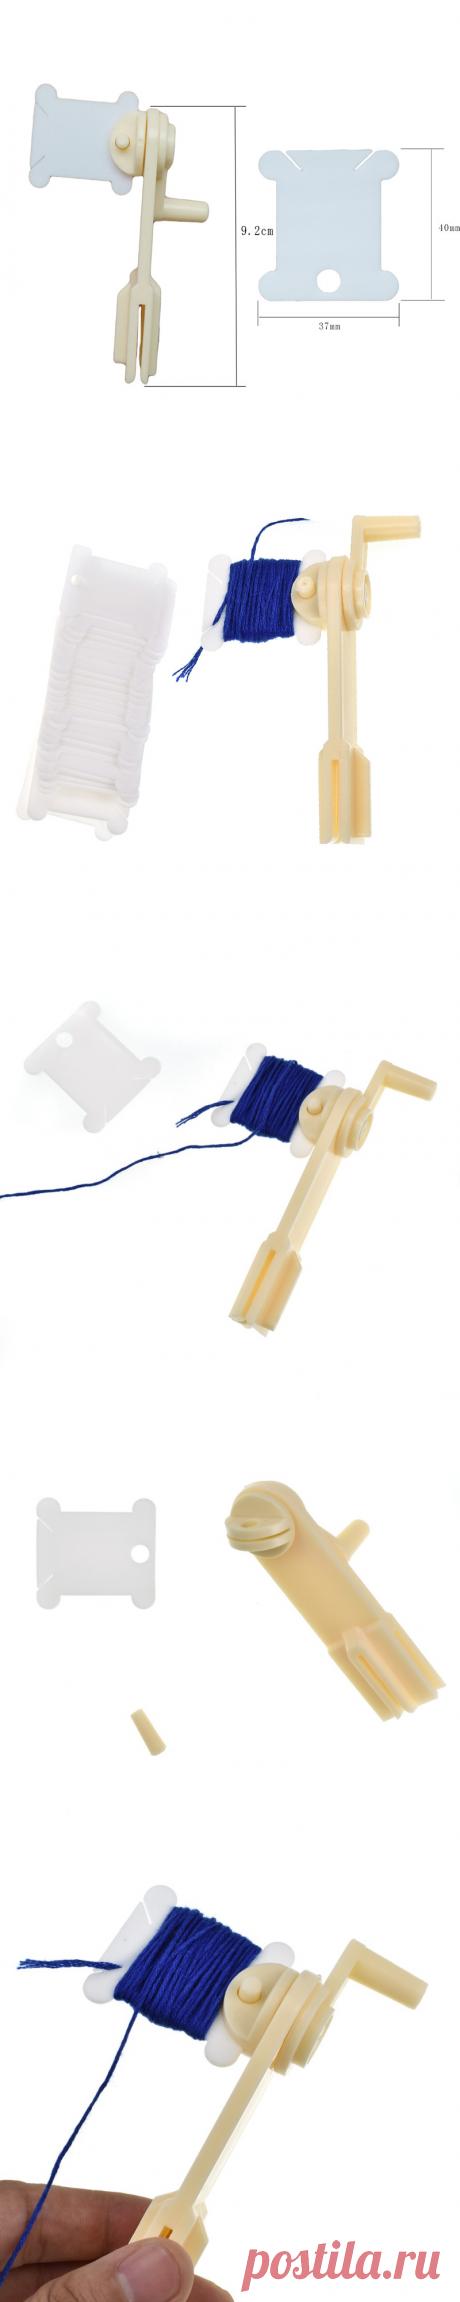 1 piezas de plástico Winder cuerdas con 30 piezas hilo dental bobinas bordado Cruz puntada hilo soporte de almacenamiento automático puntada DIY de coser herramienta|Herramientas de costura y accesorios| - AliExpress